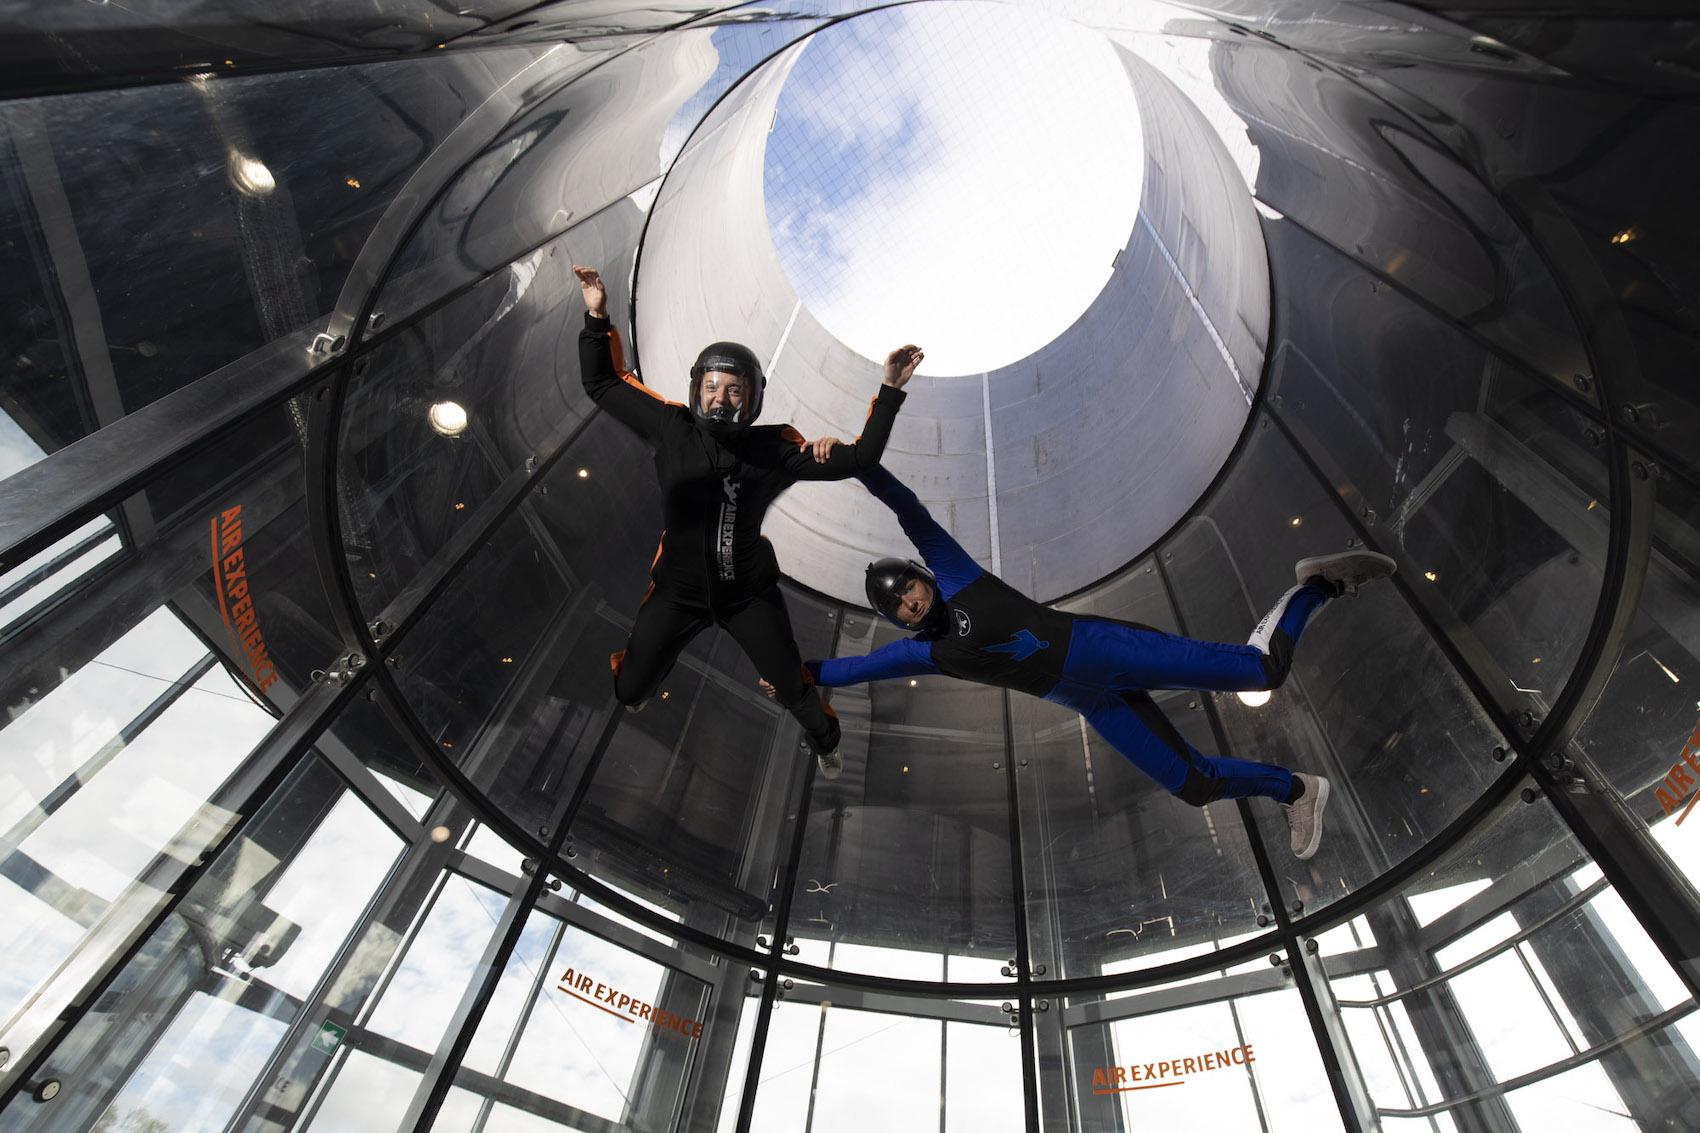 hvem kan flyve indoor skydiving